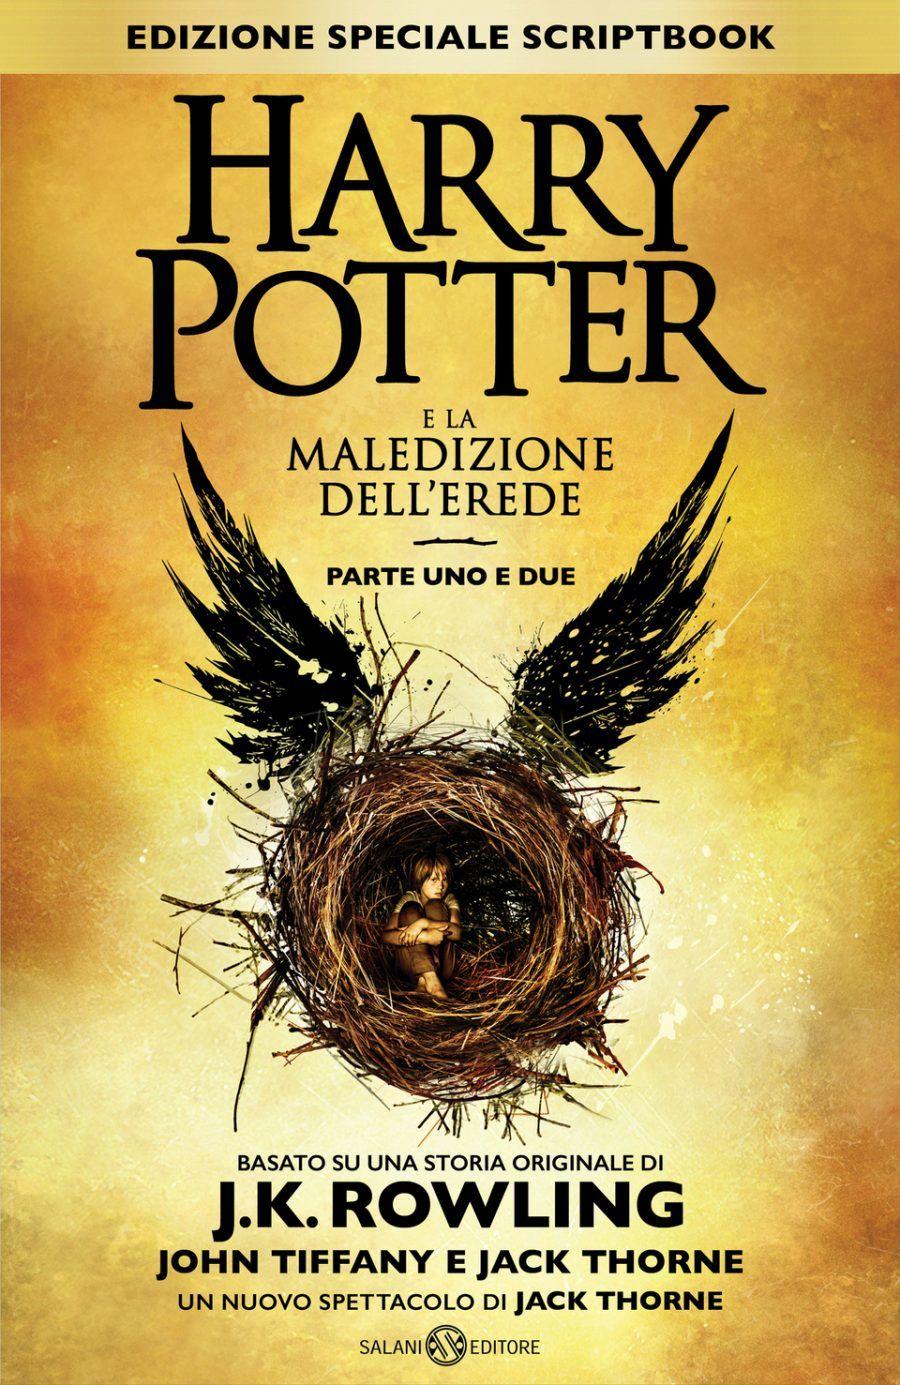 Harry Potter e la maledizone dell'erede